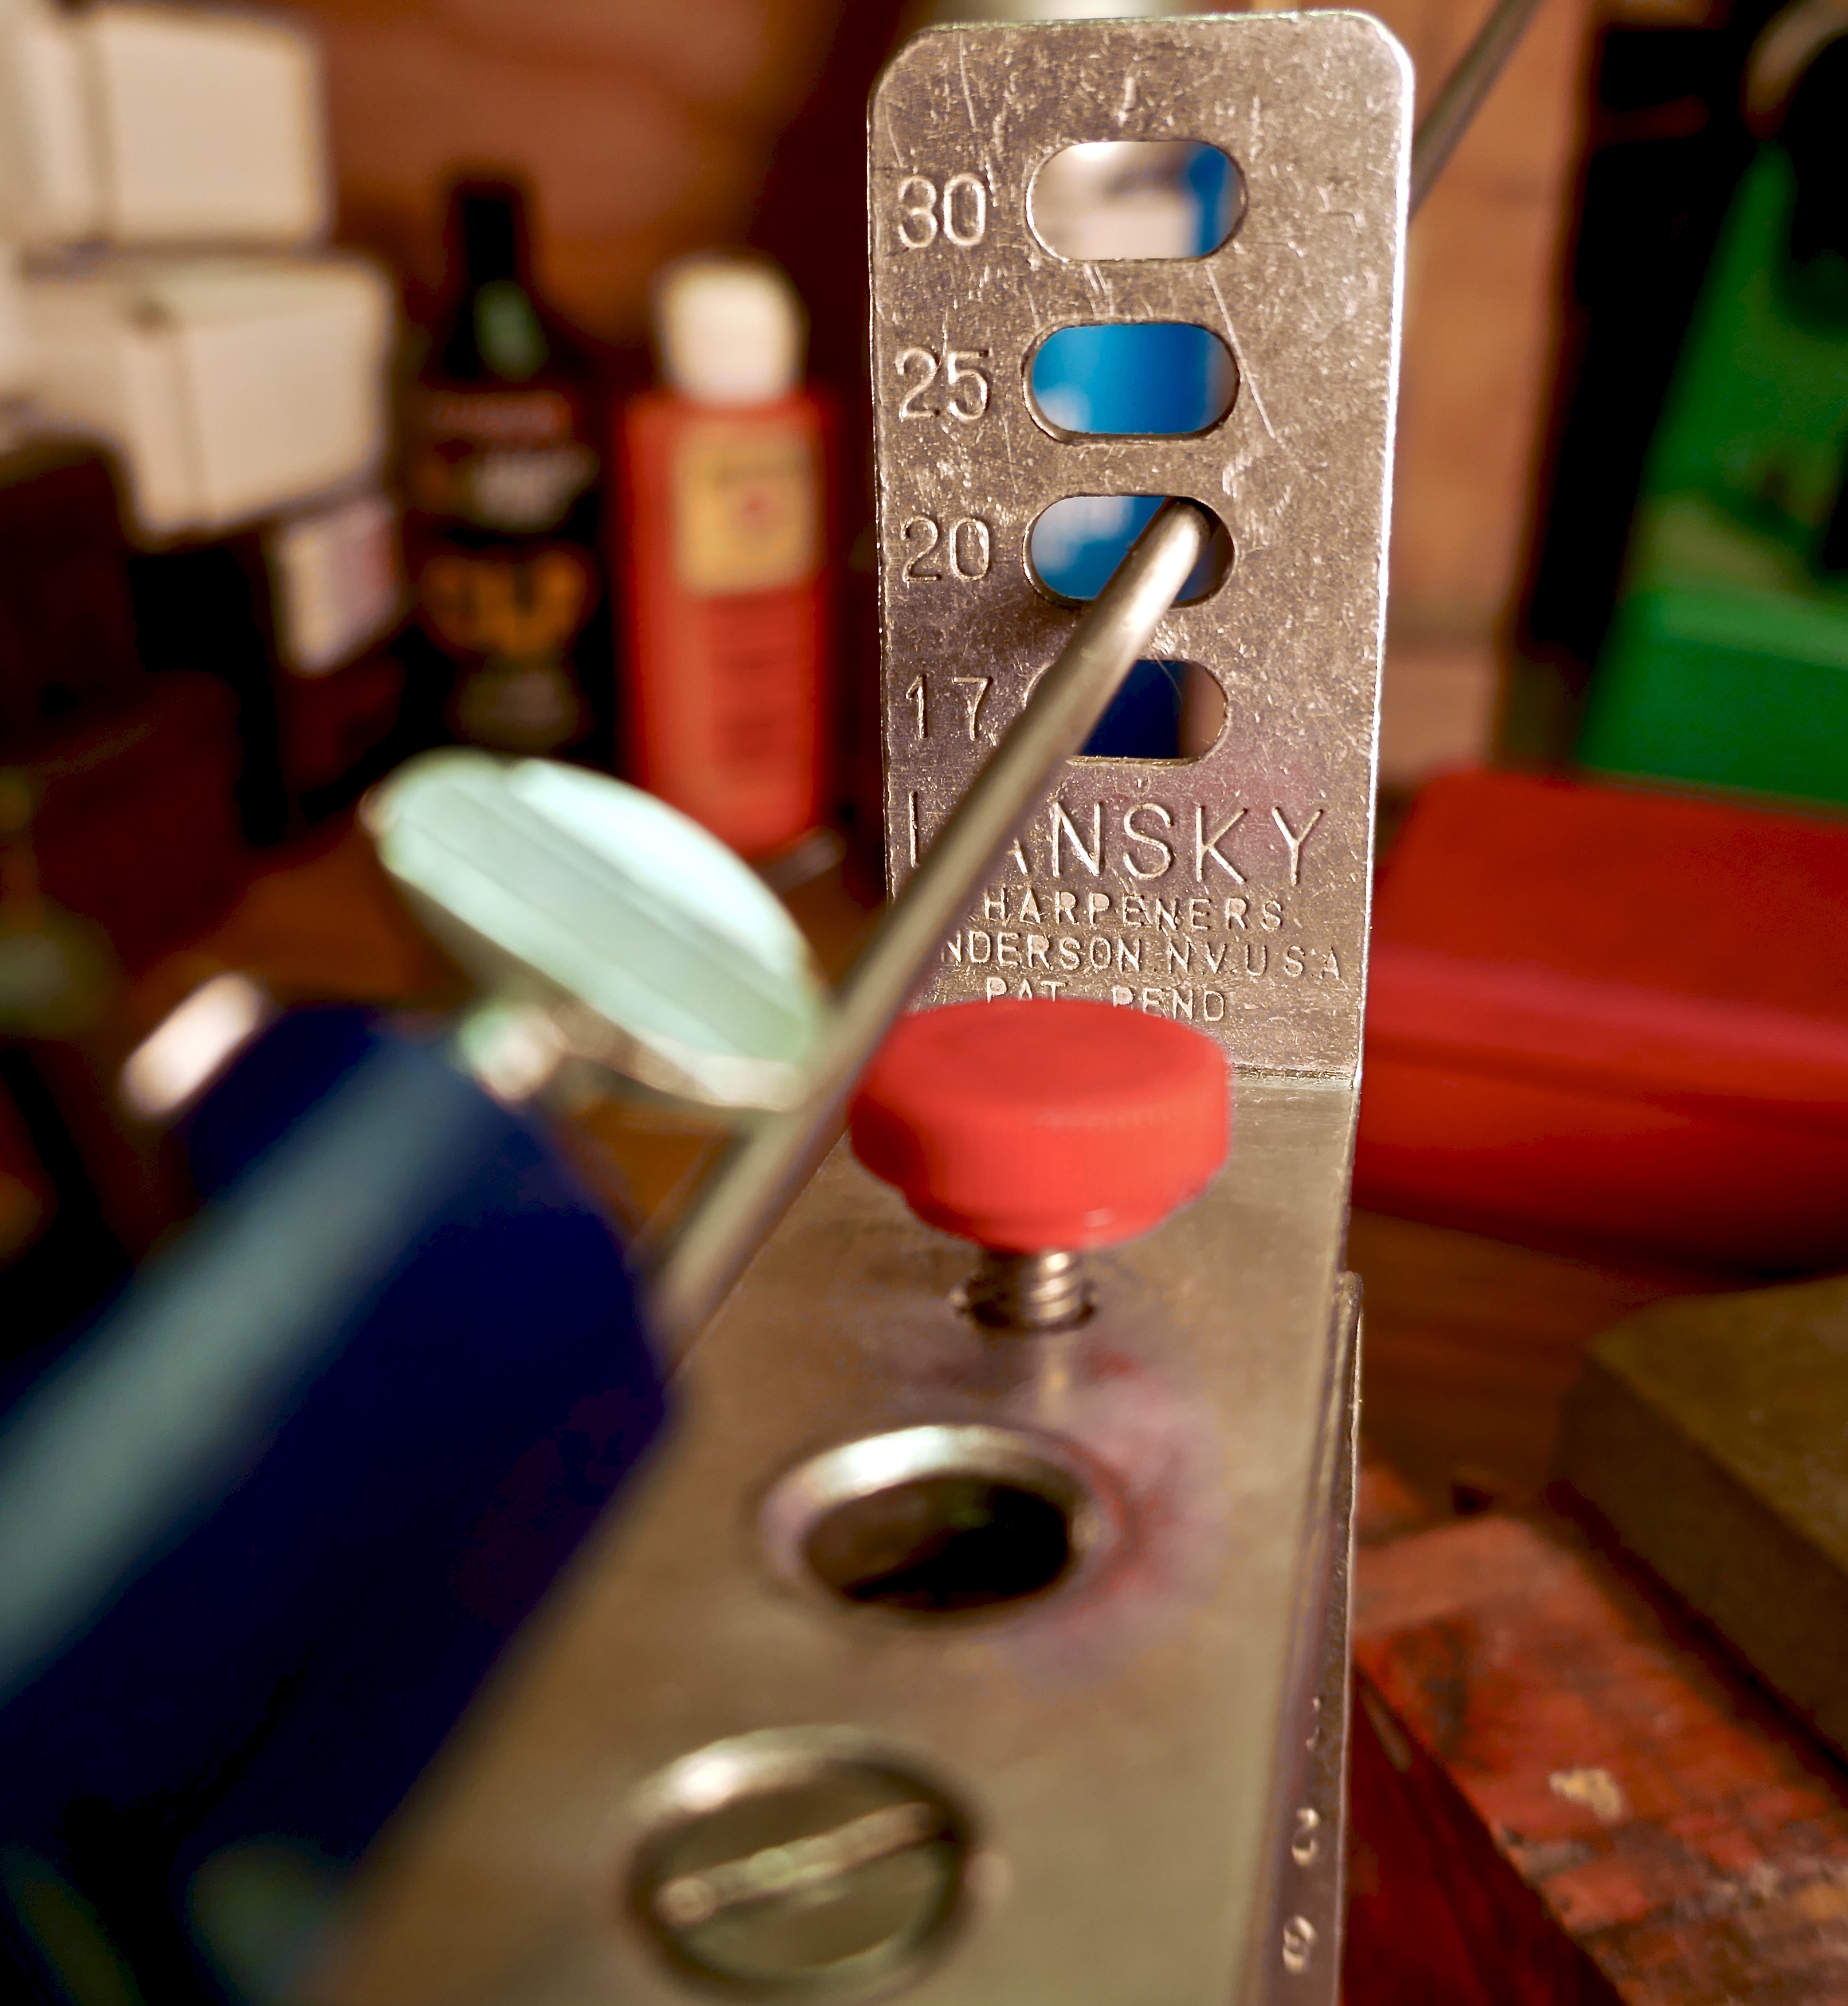 Lansky knife sharpening